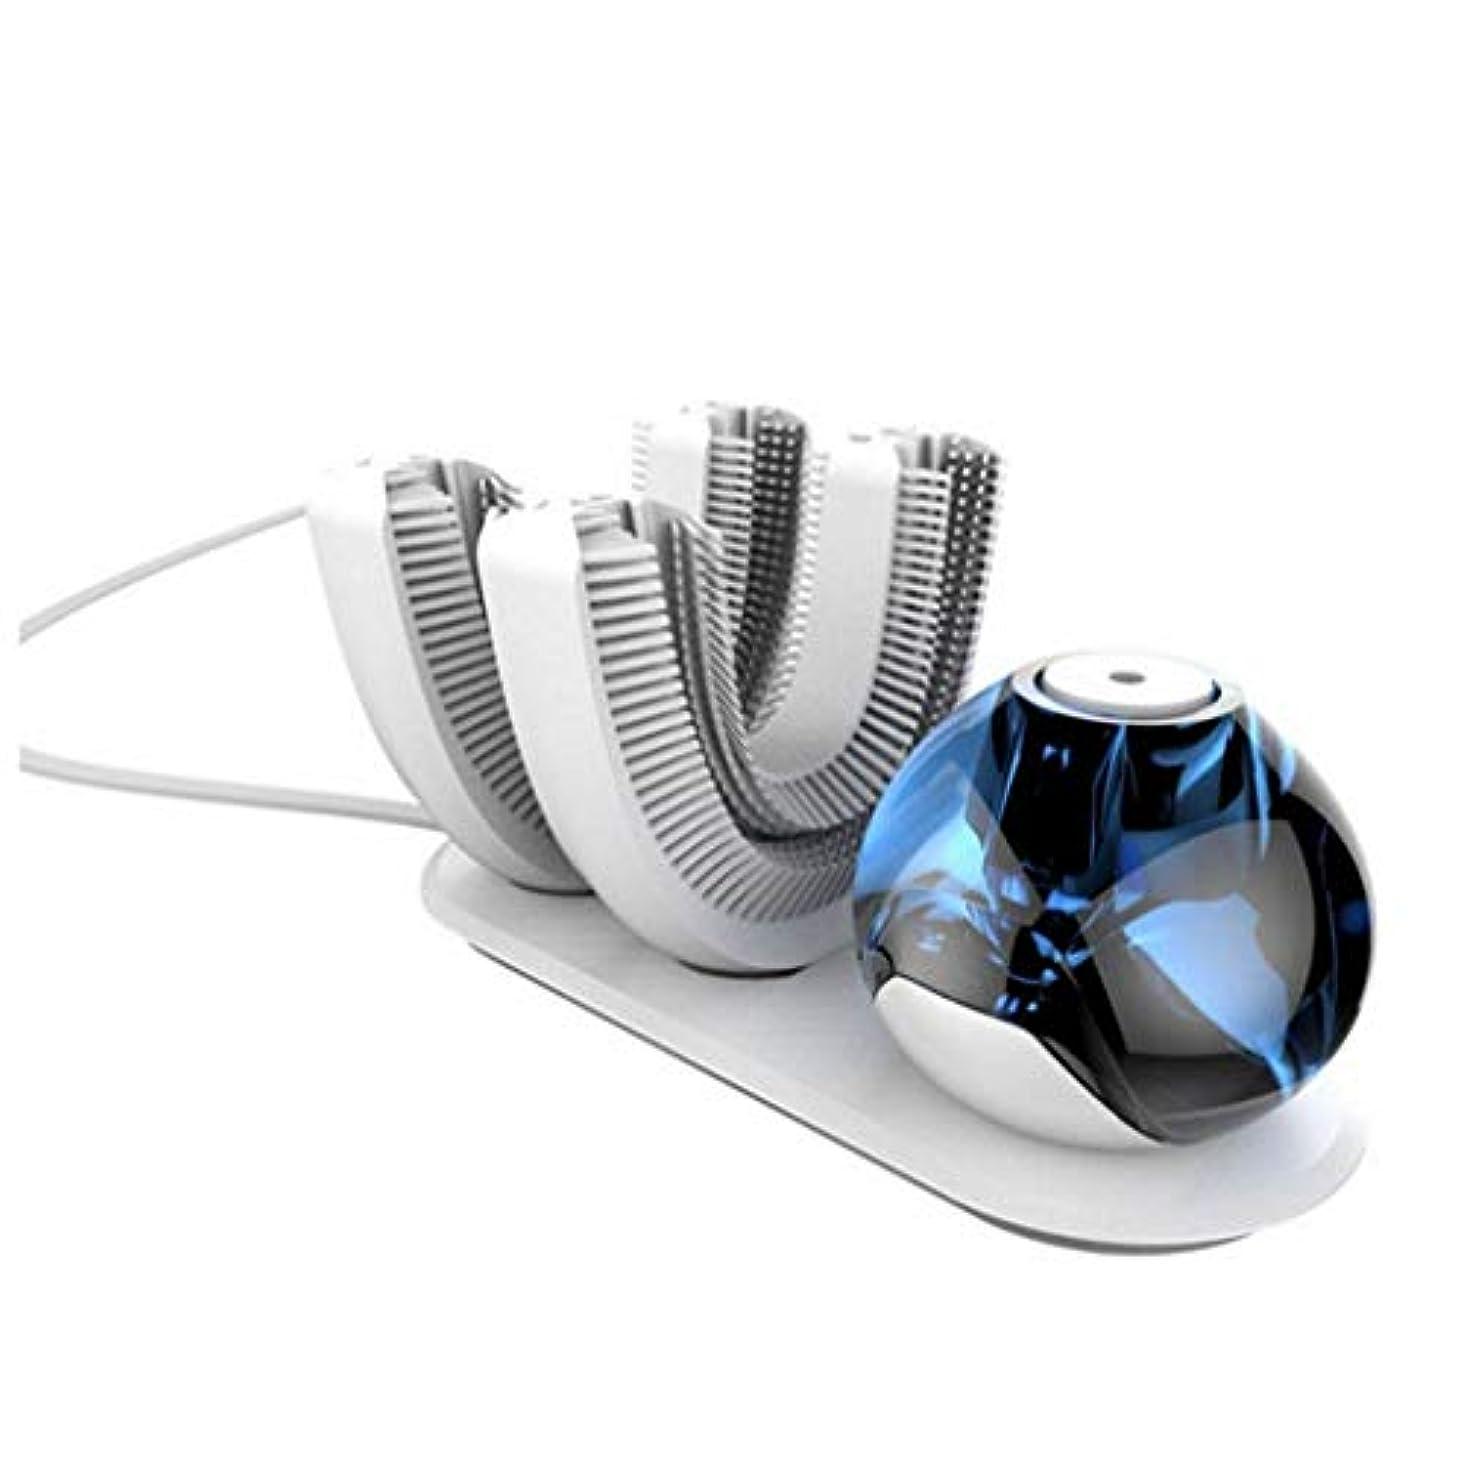 ブロックストローク避難HETAO クリエイティブ自動歯ブラシ、怠惰な、自動歯ブラシ電動歯ブラシワイヤレス充電式360°、歯ブラシヘッドのうちの2つは、白歯ブラシの歯に設計されています 白